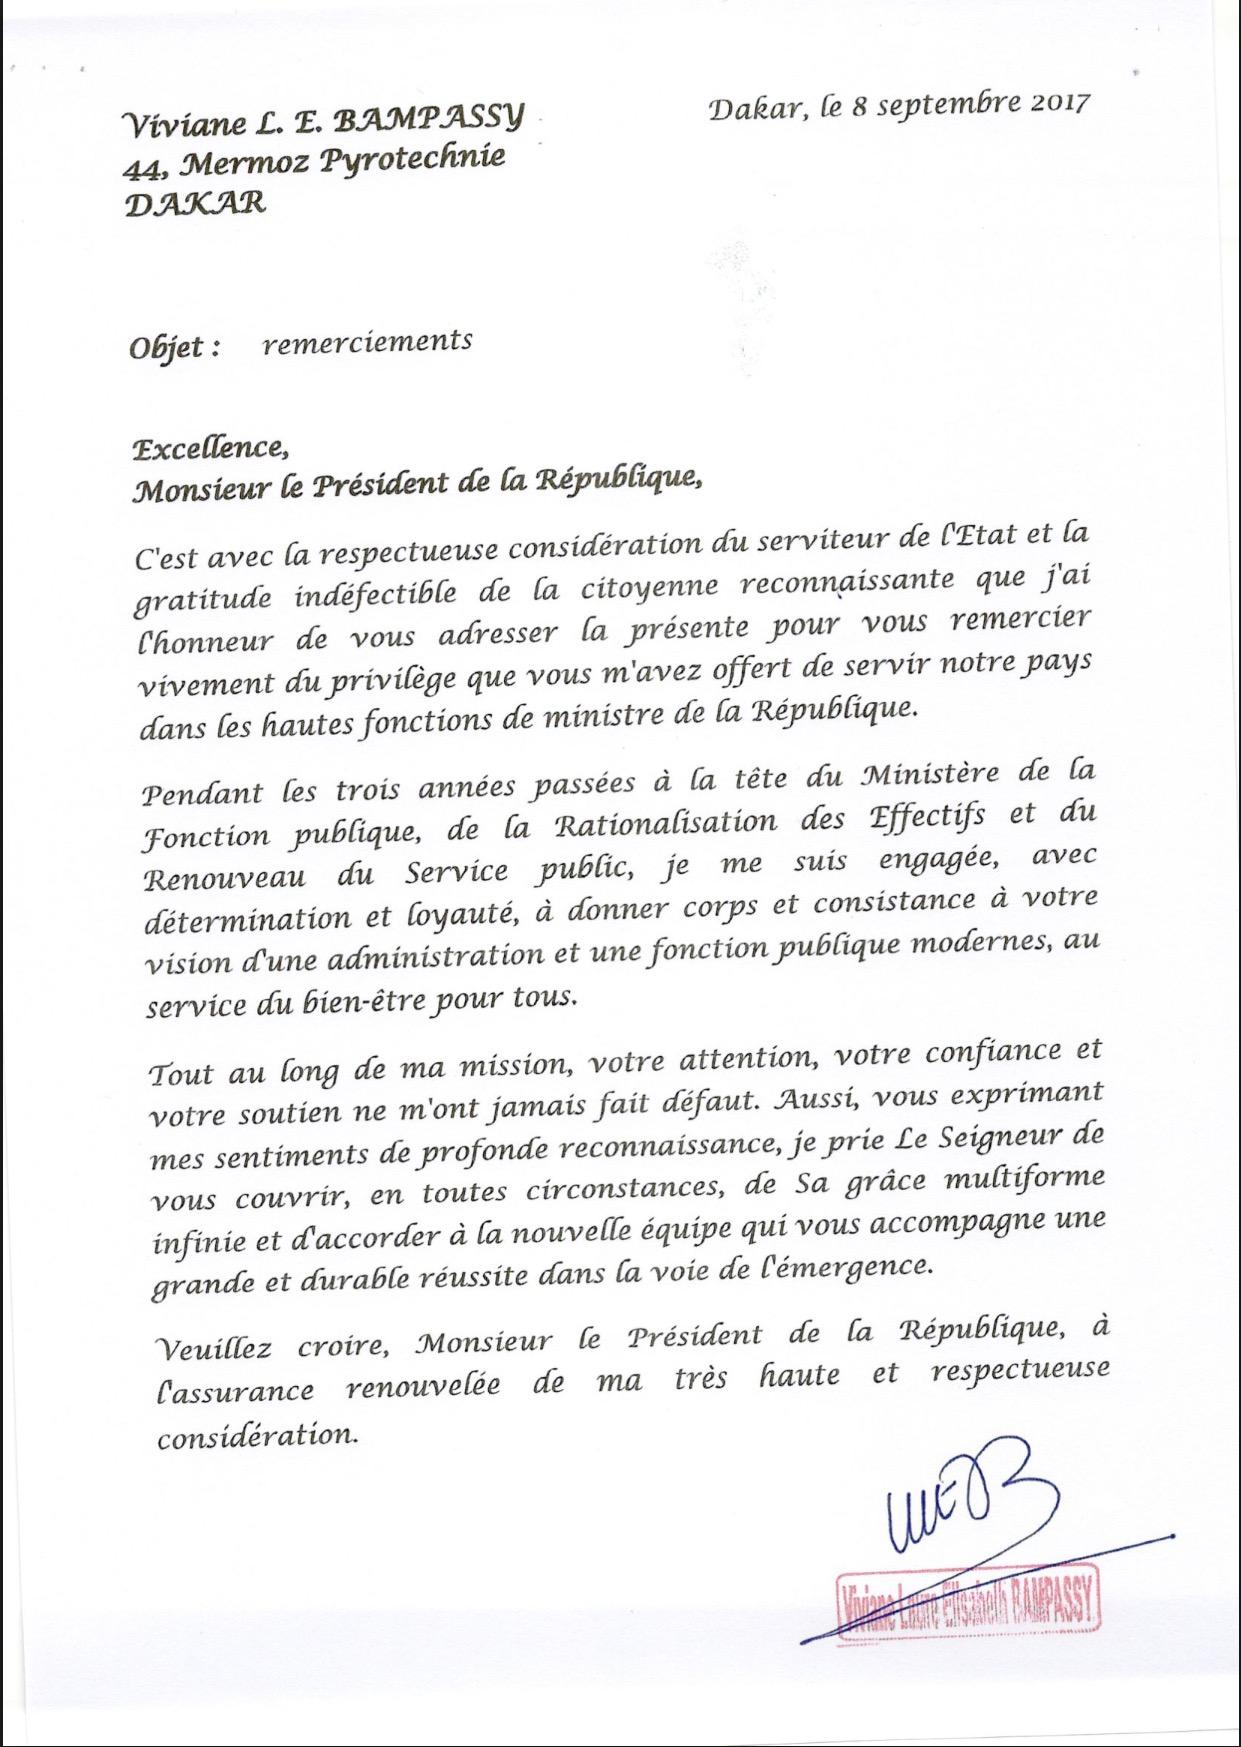 Lettre de remerciement de Mme Viviane Bampassy au Président de la